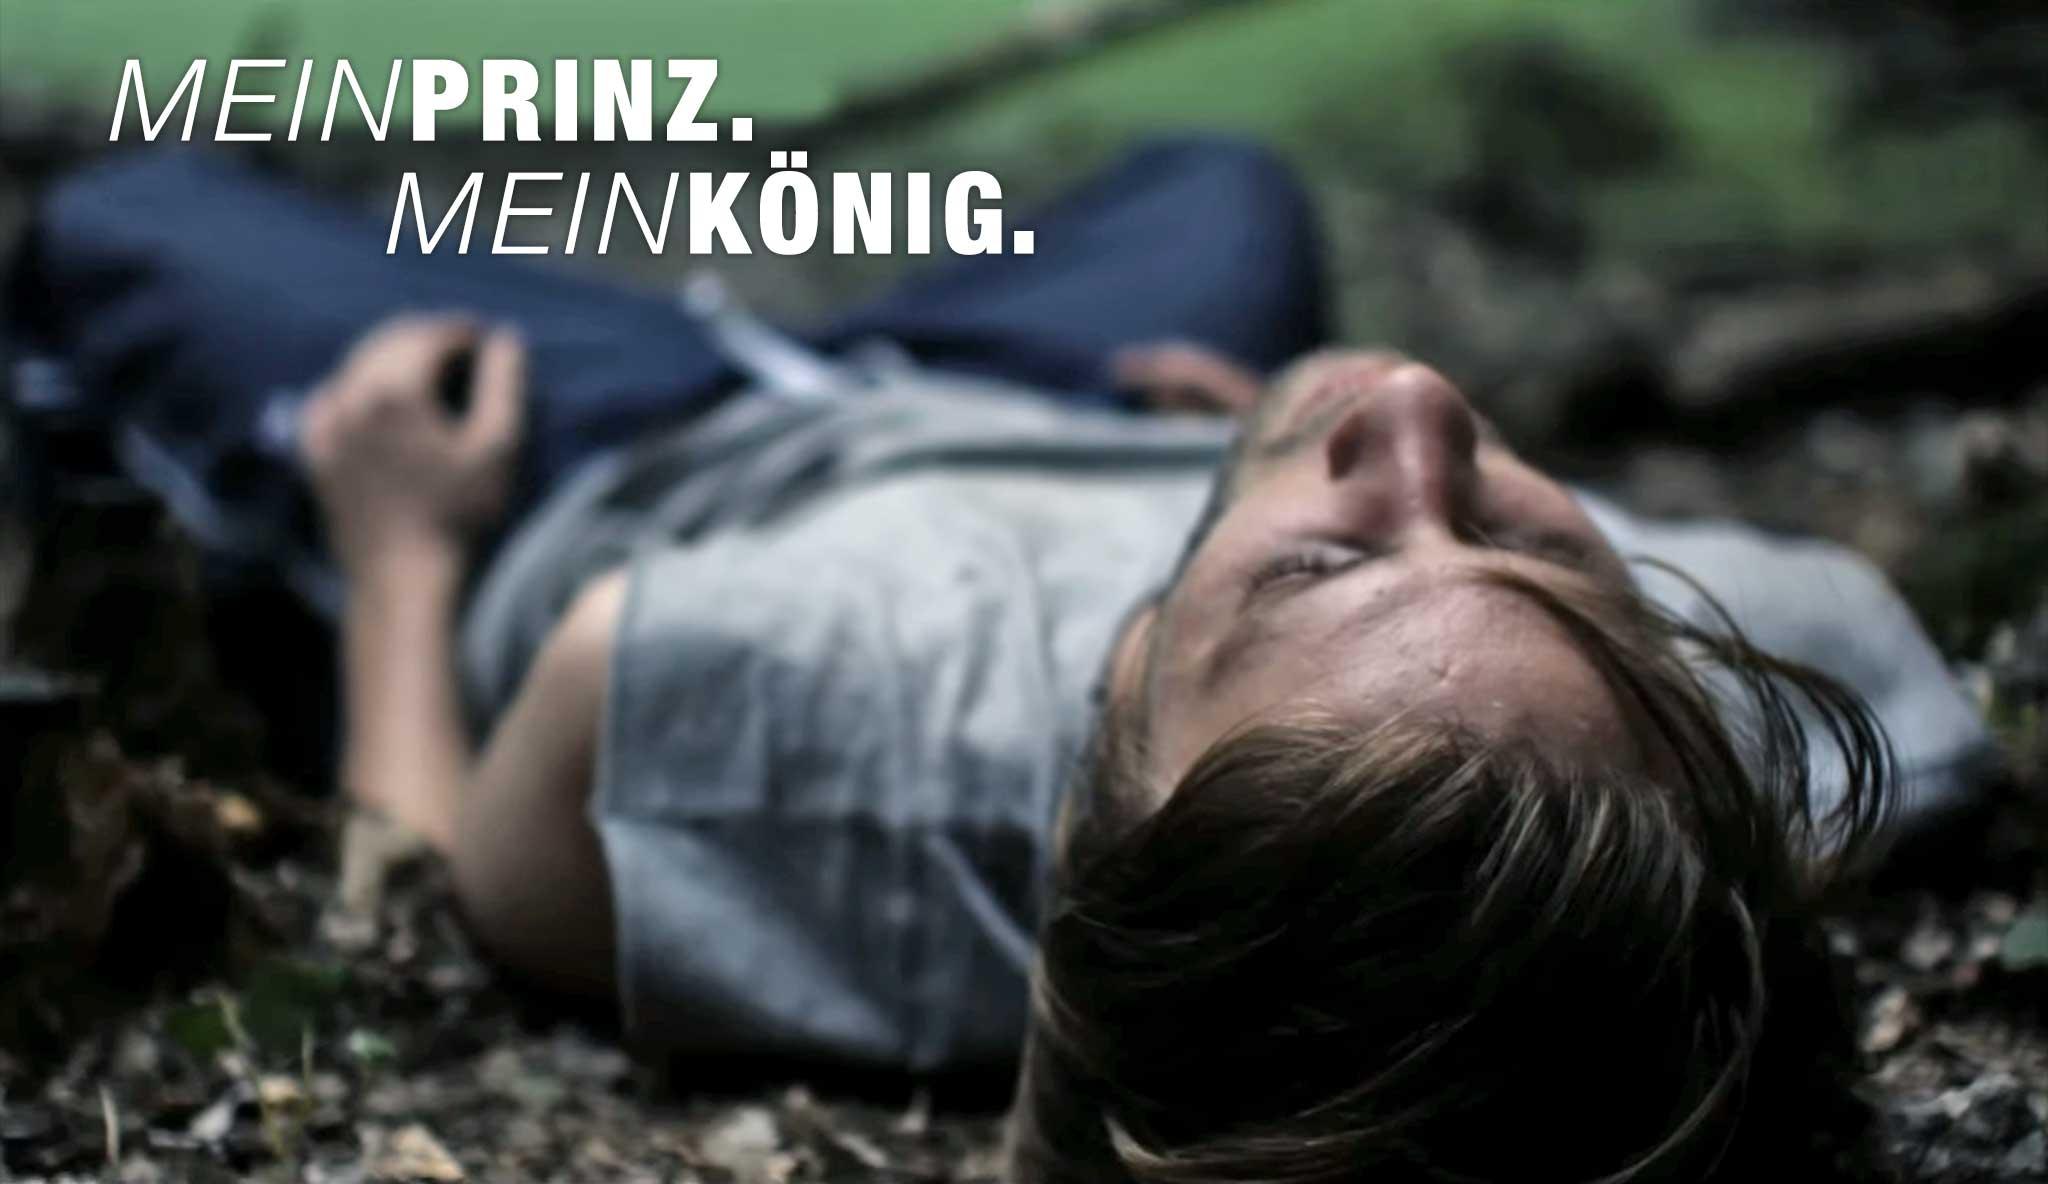 mein-prinz-mein-konig\header.jpg